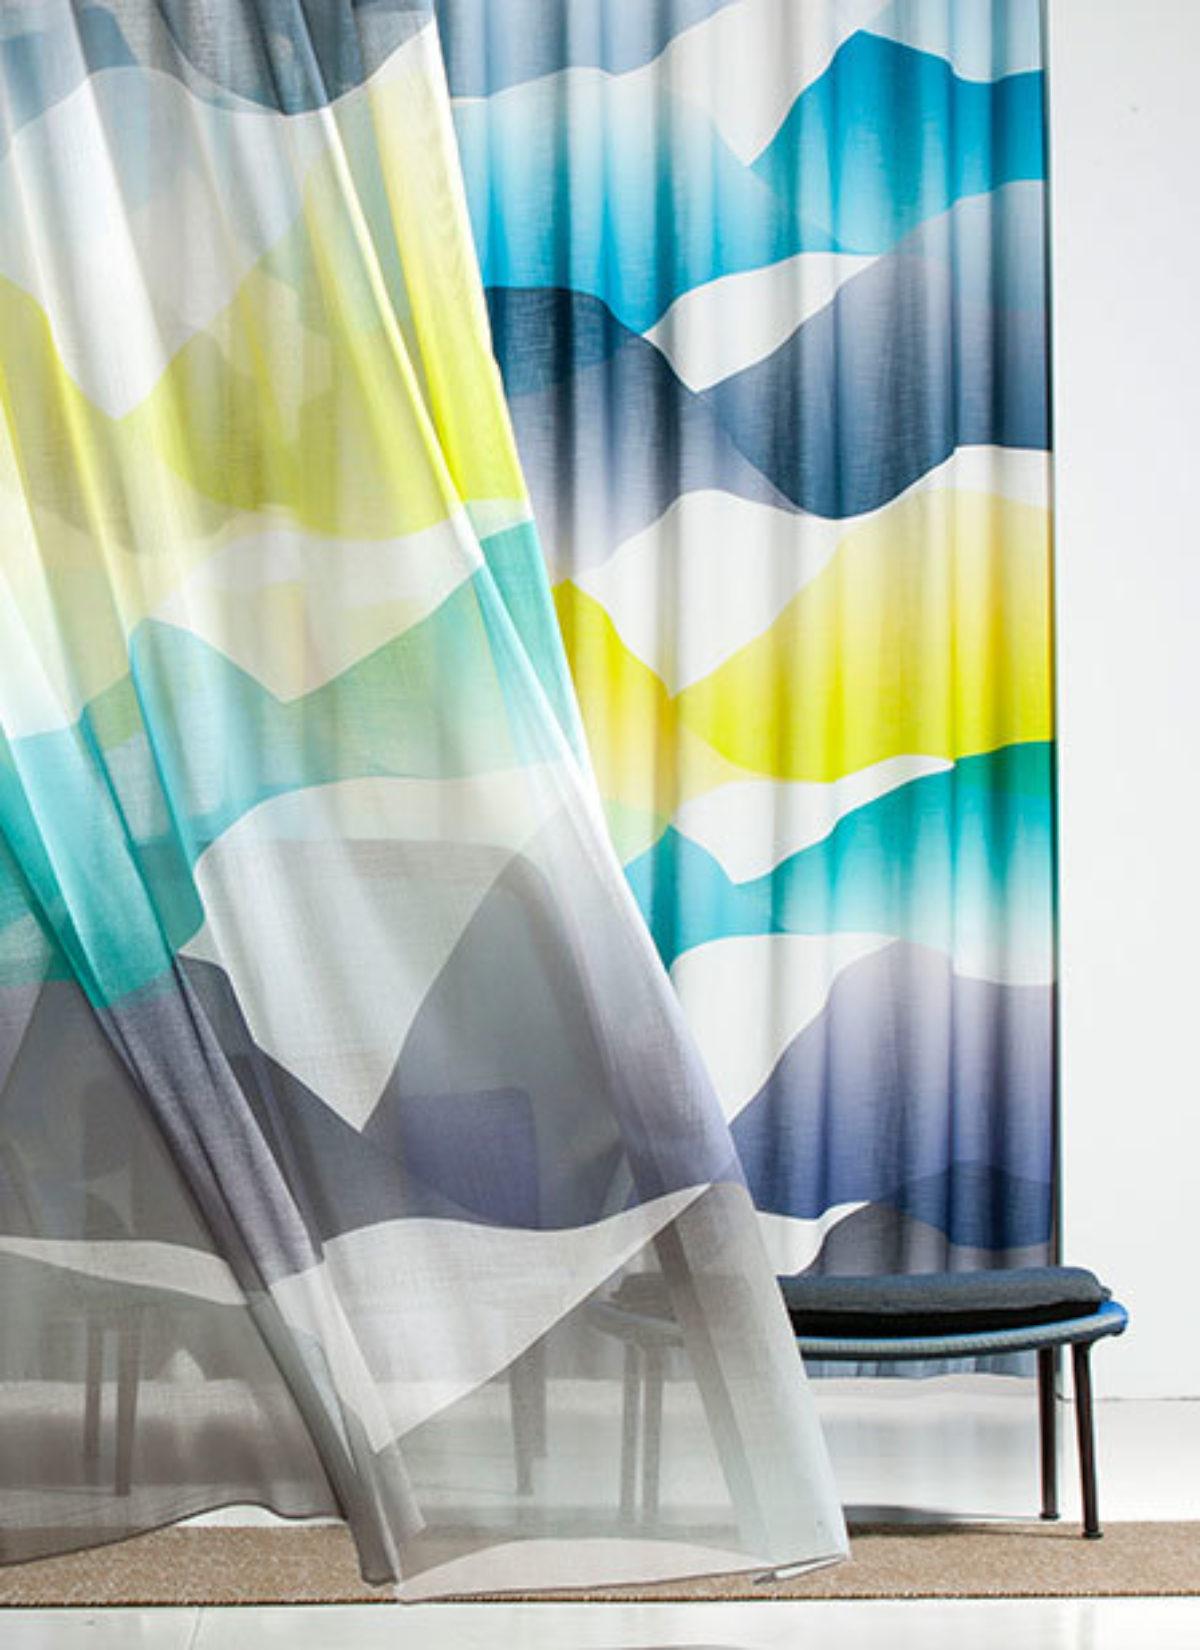 Kendix gordijnen in between vitrage stoffen collectie wave sfeer